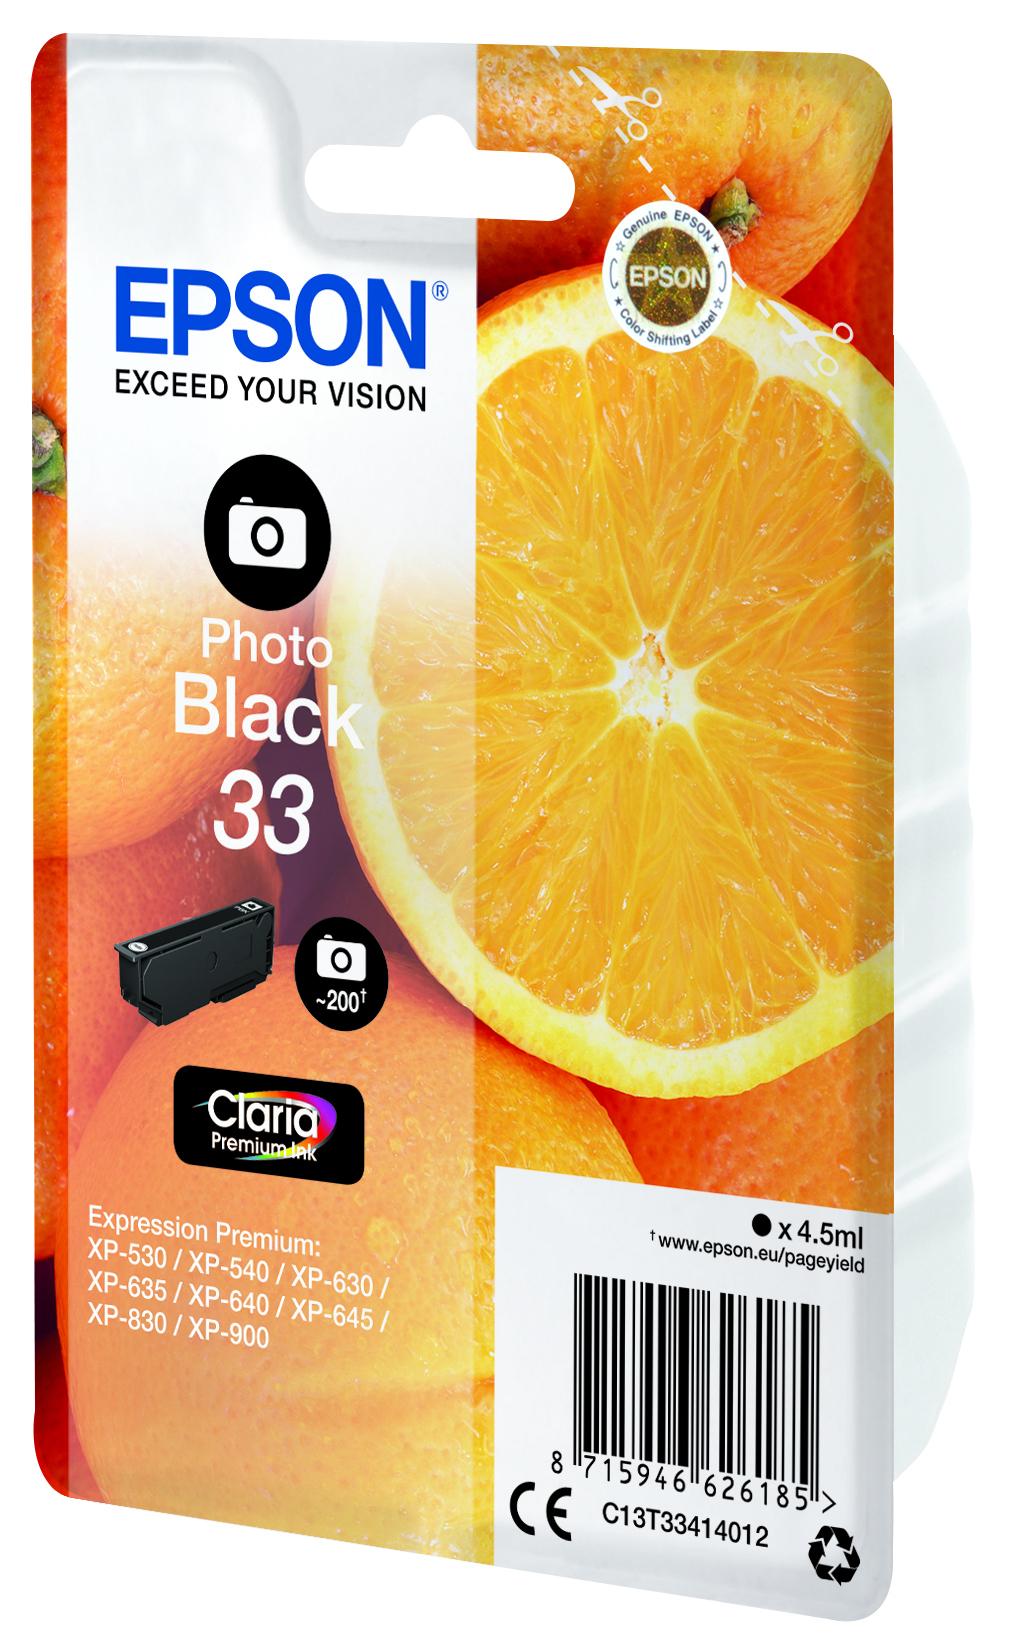 T3341 inkjetcartridge Claria 33 foto zwart (200 afdrukken)